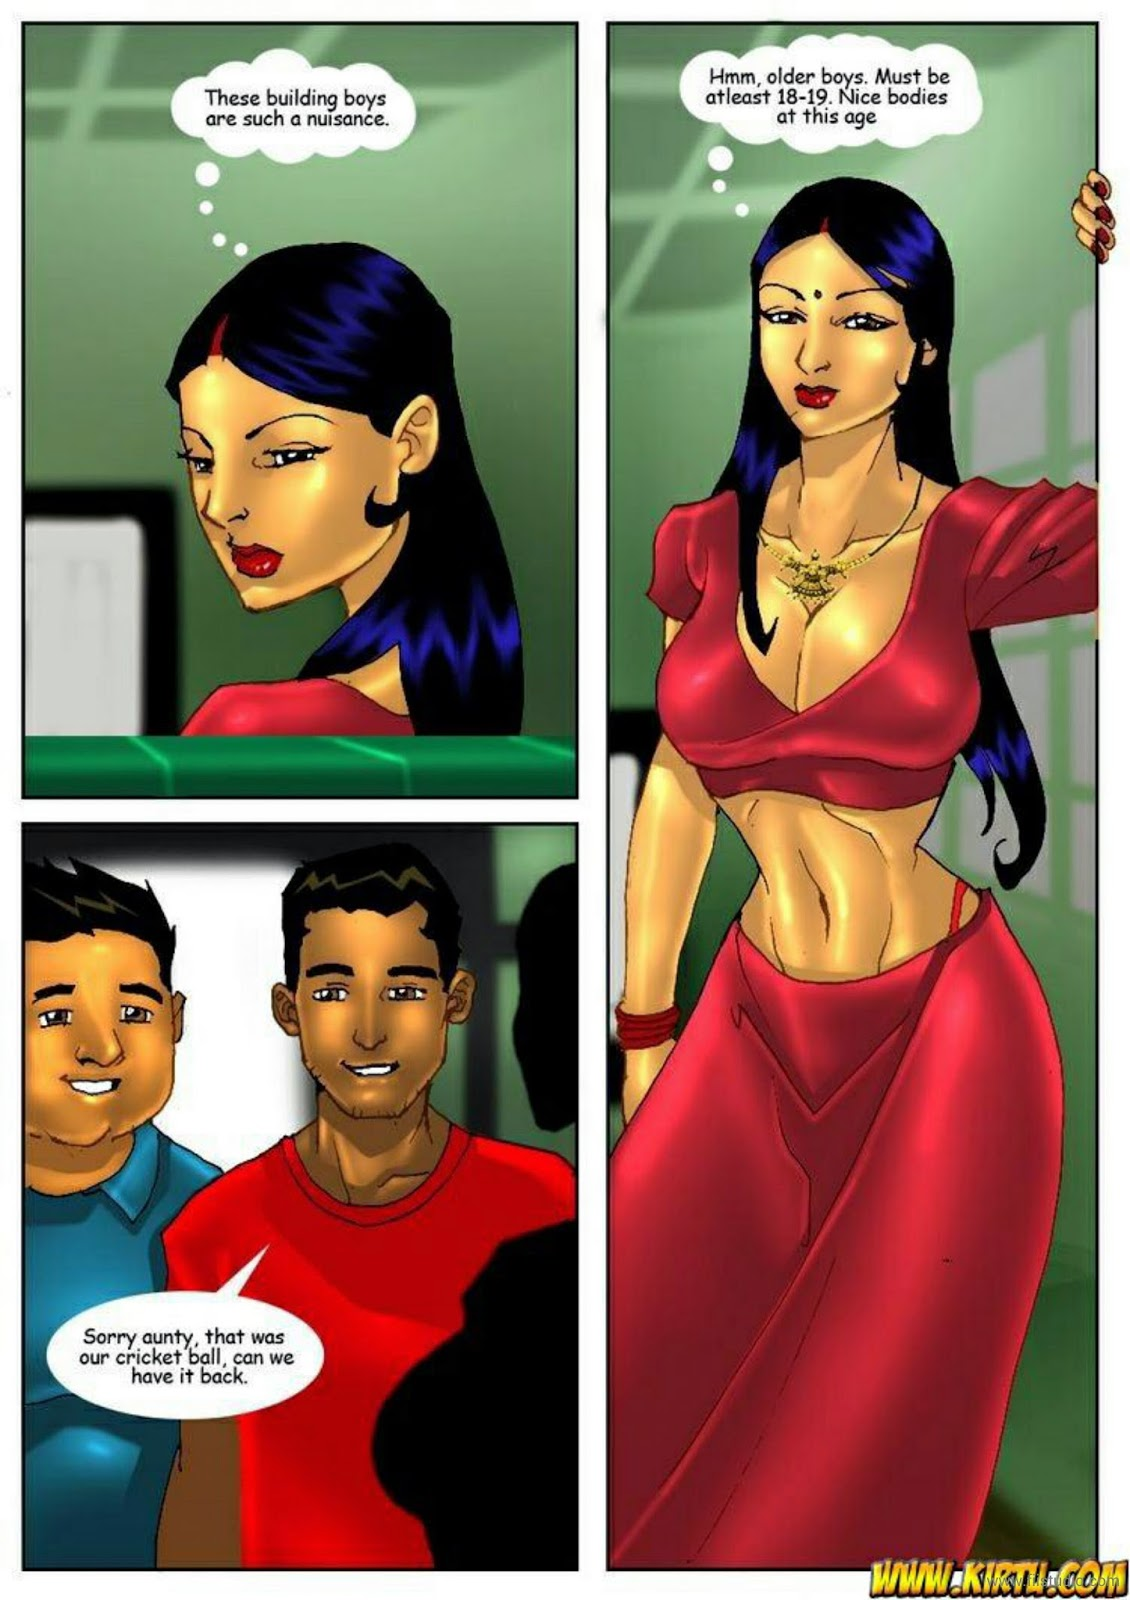 Online adult sex comics